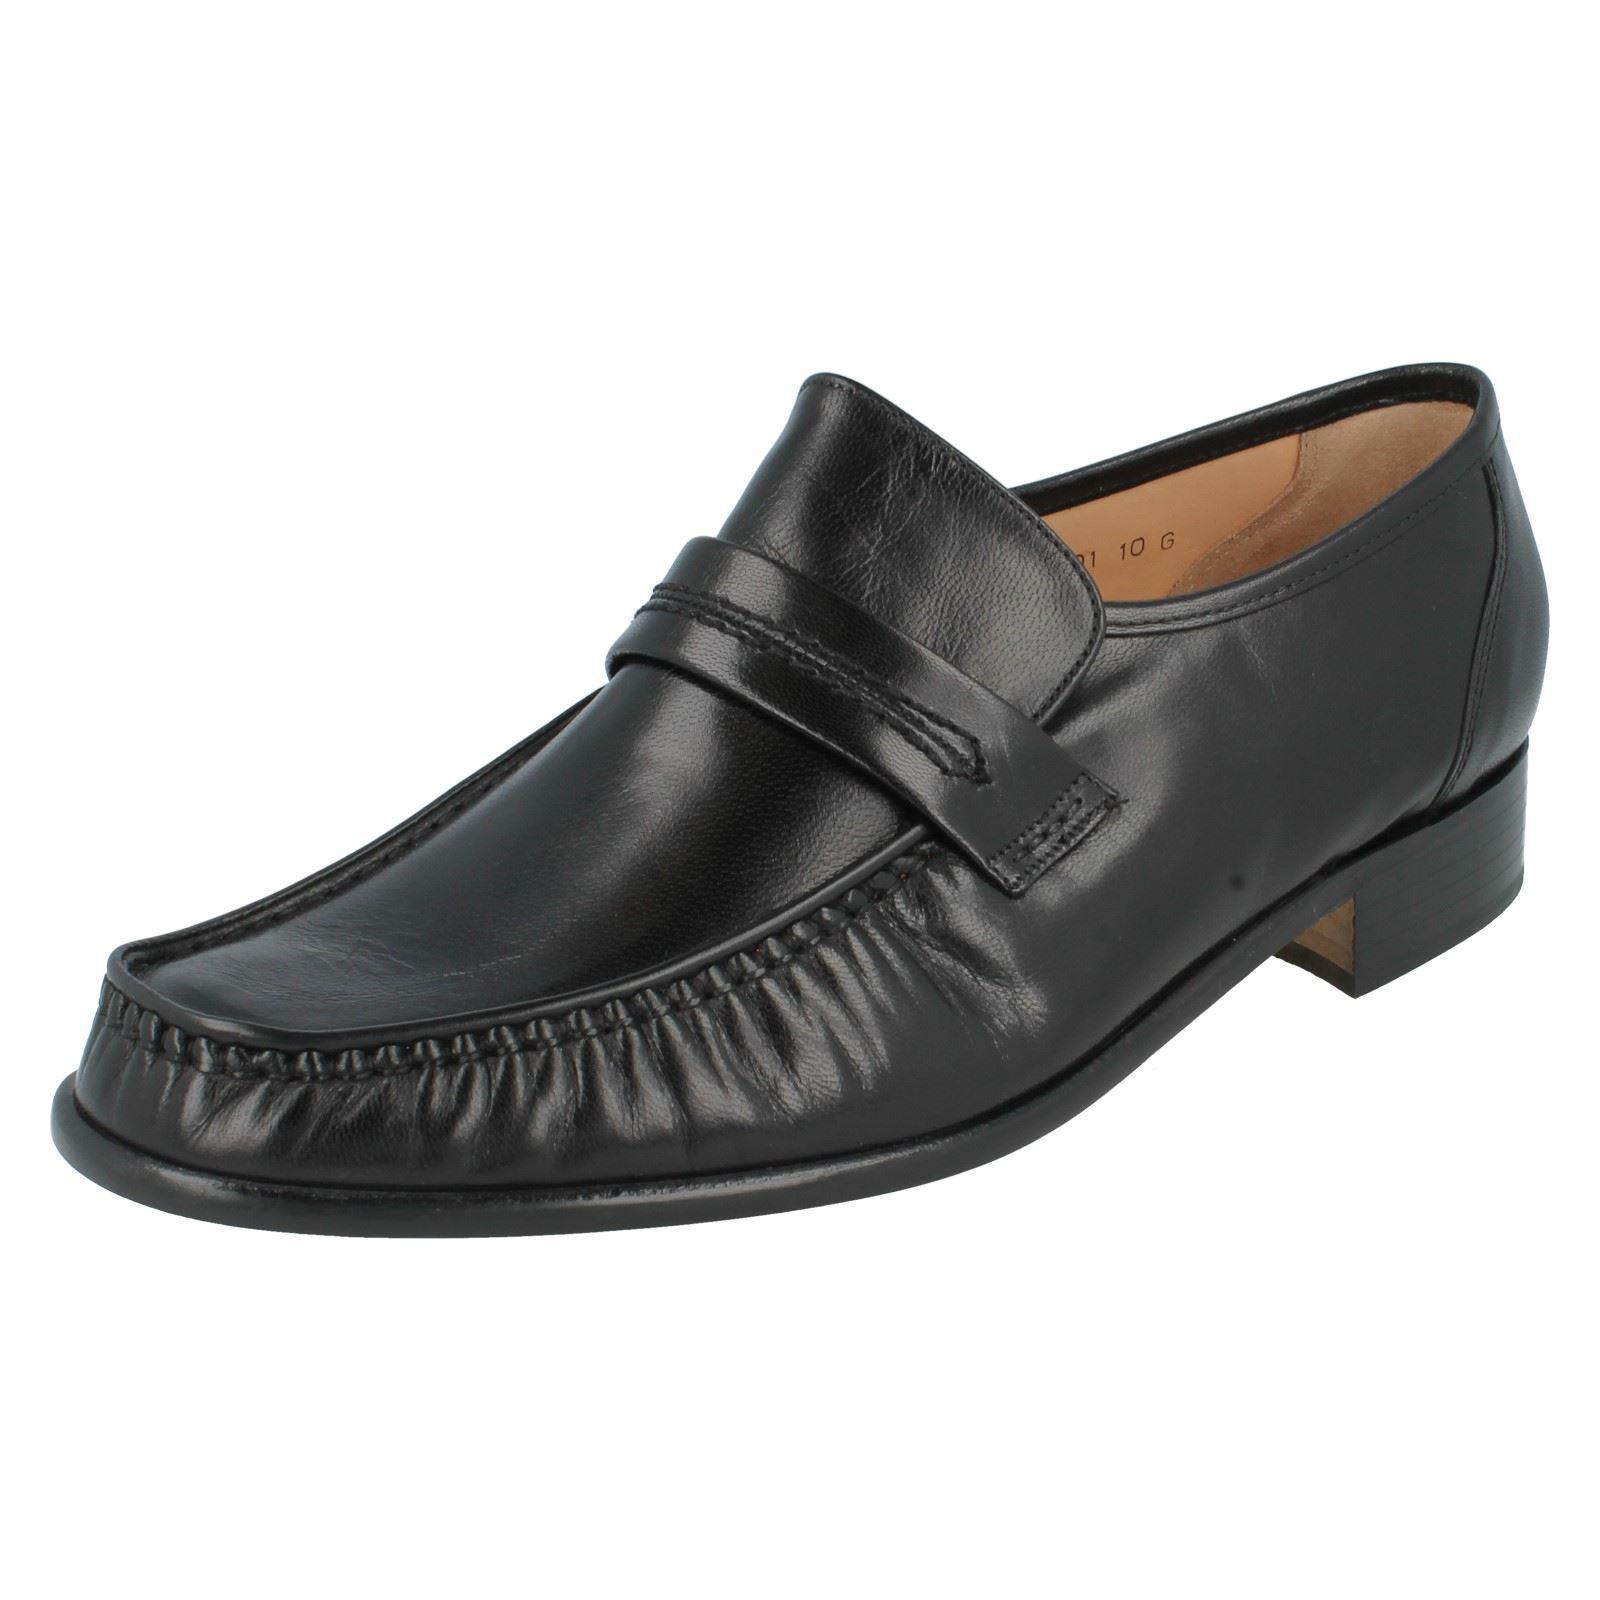 Grenson' Watford A Herren schwarzes Leder True Mokassin ohne Bügel Slipper Schuh